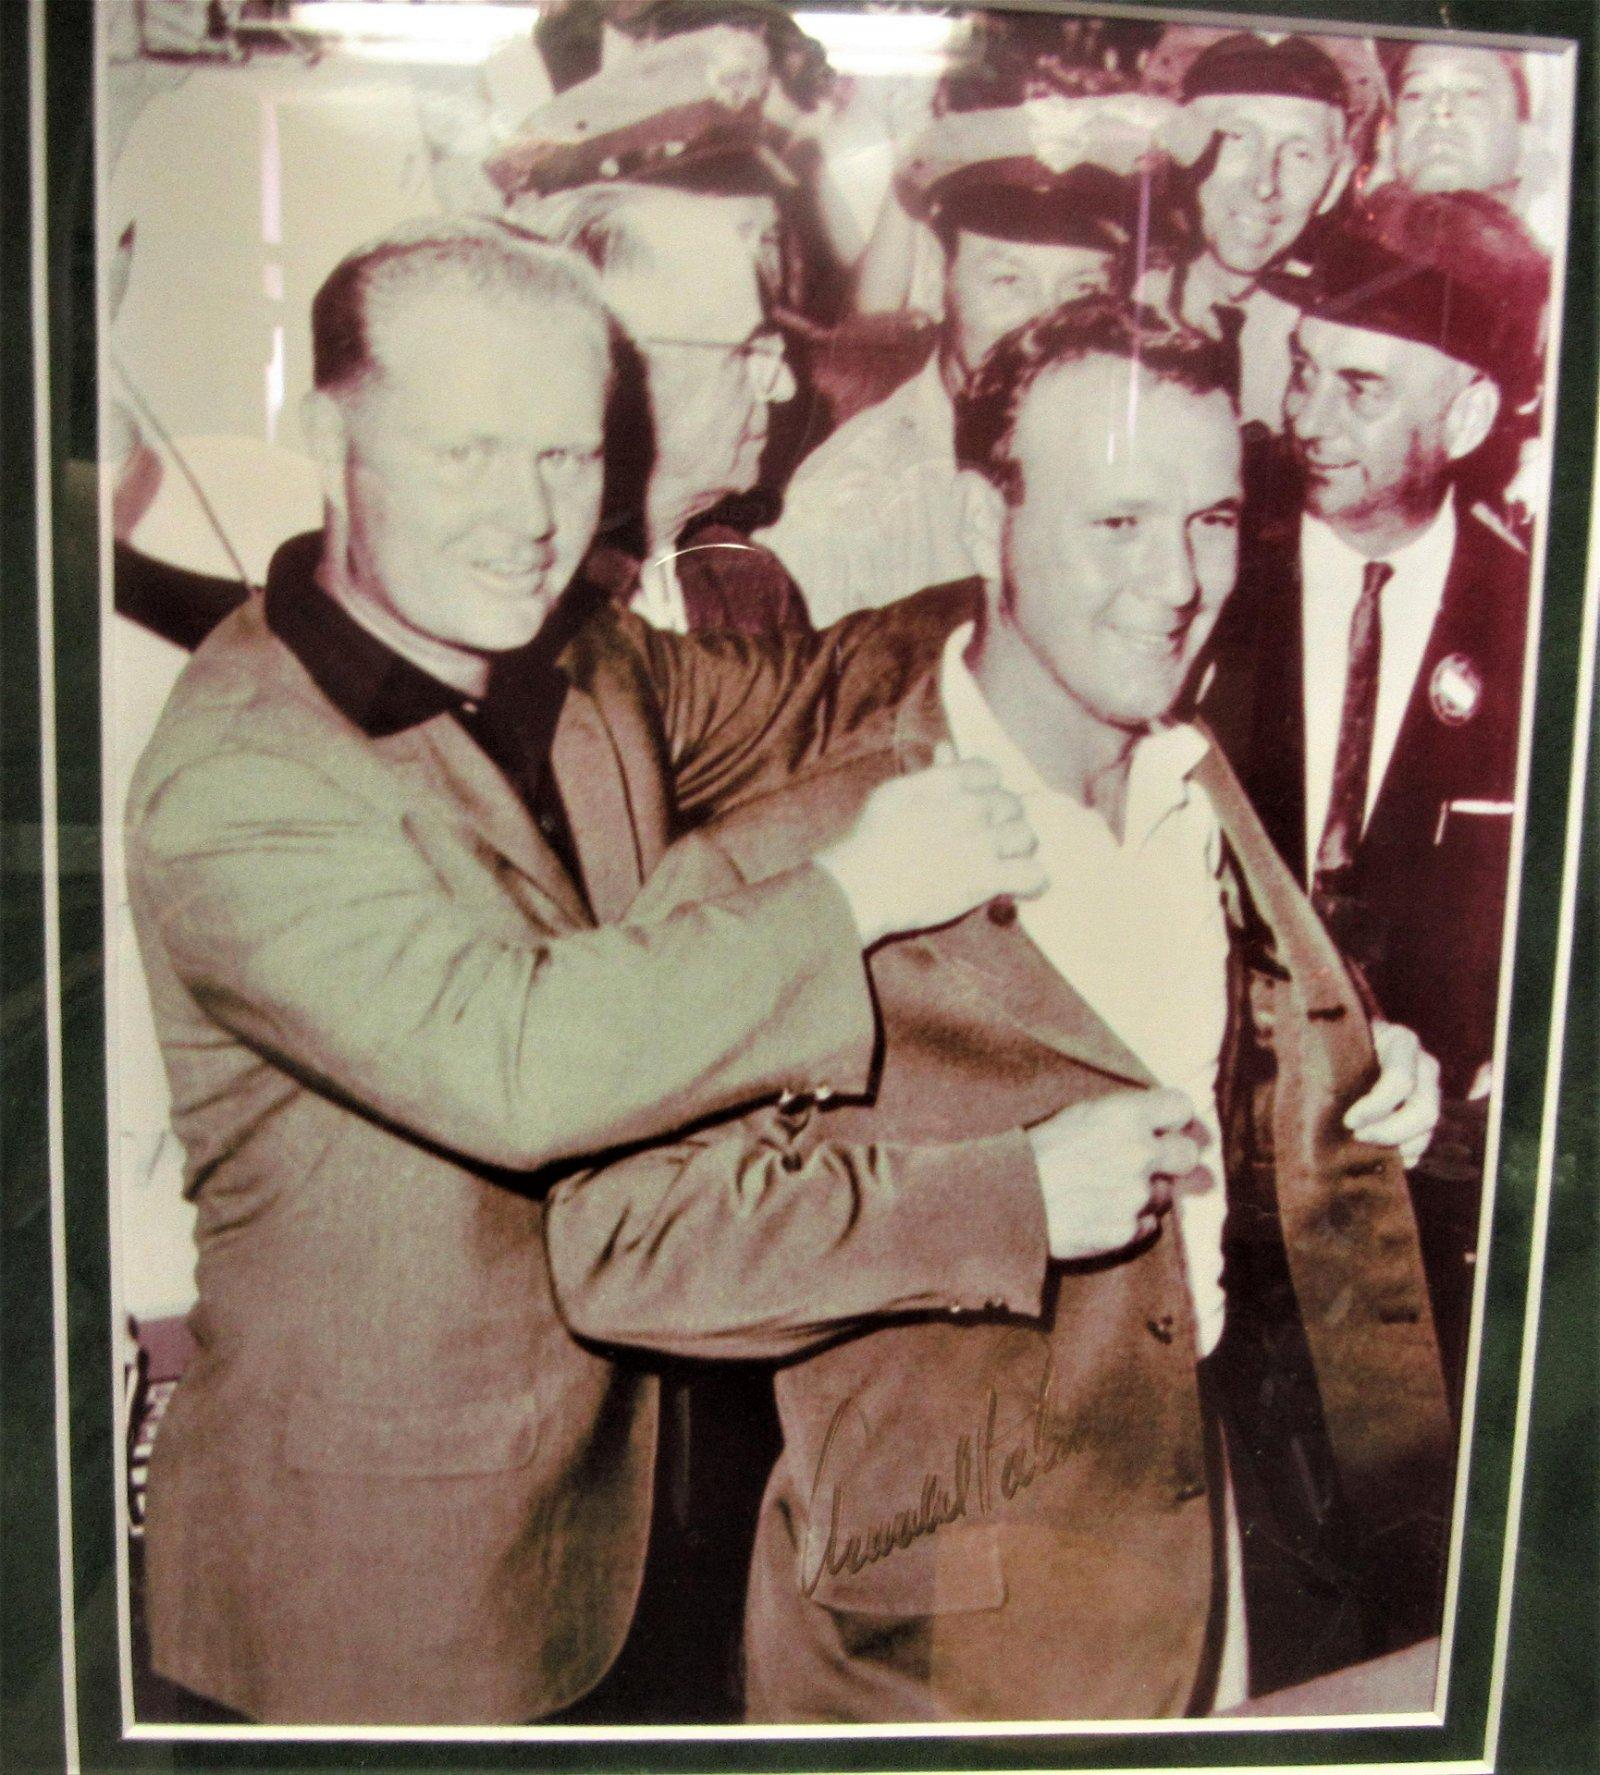 Arnold Palmer signed framed picture